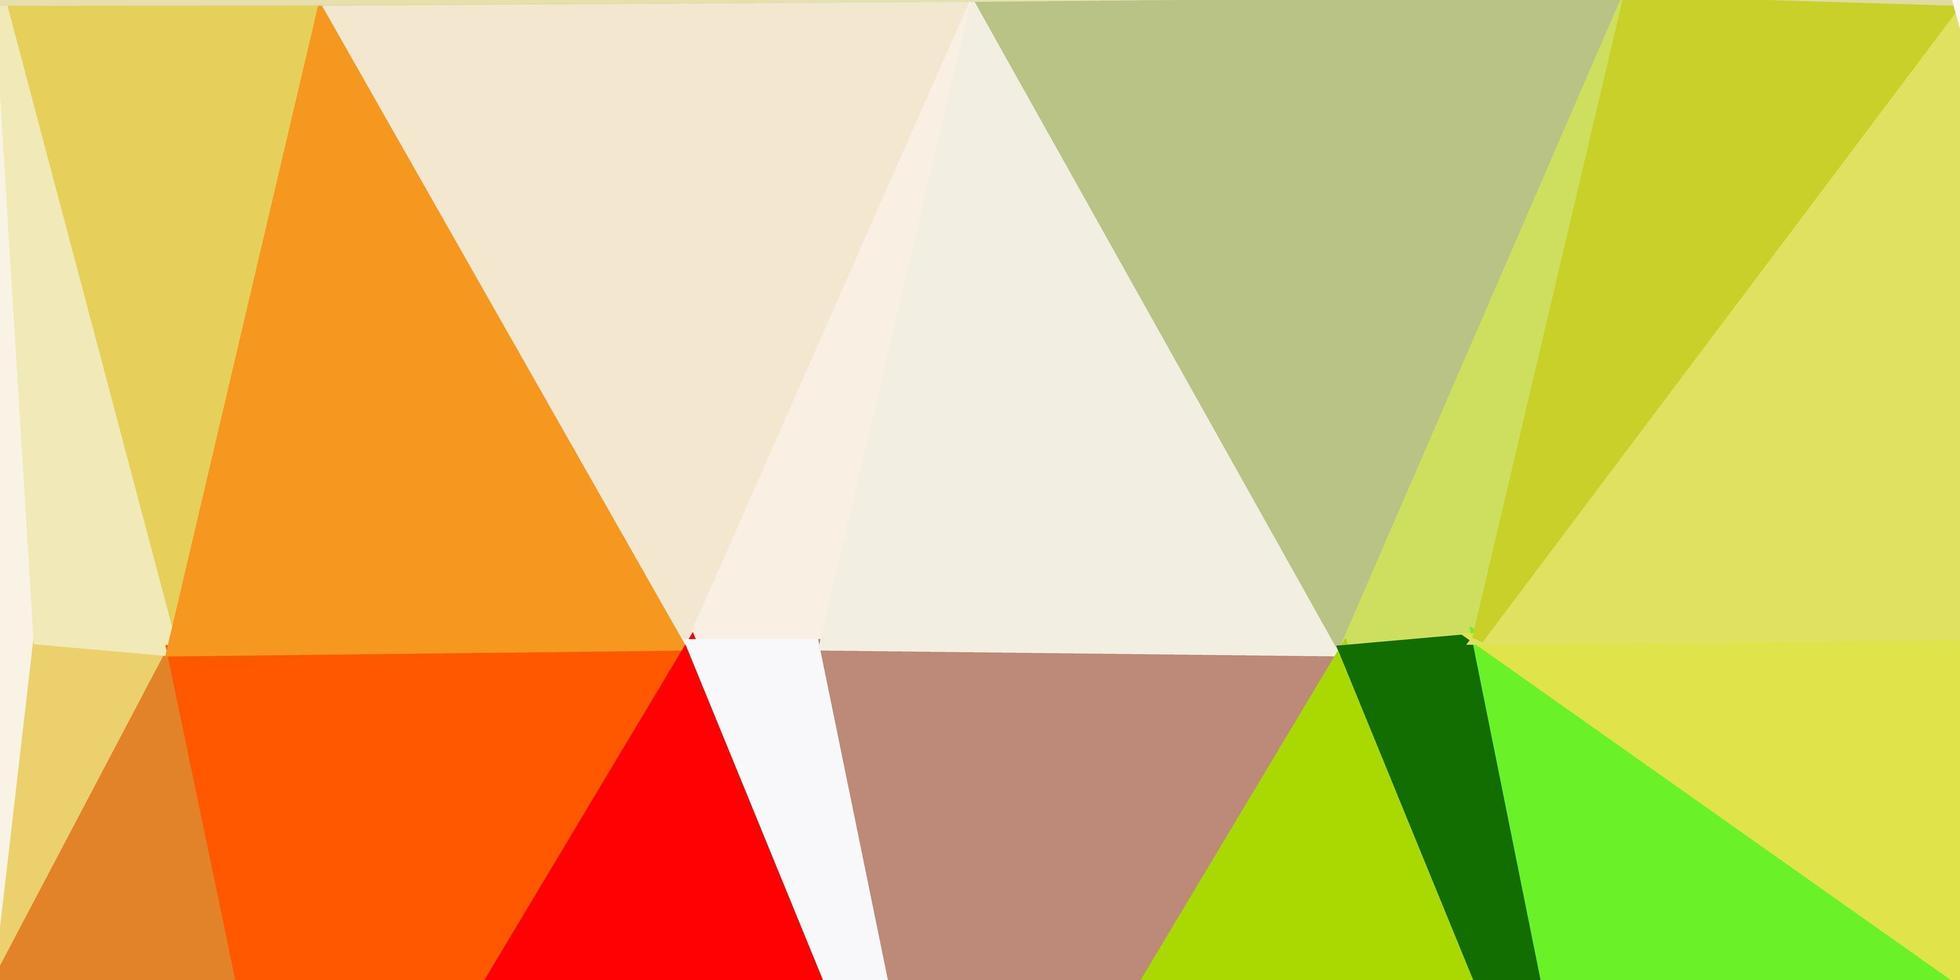 conception de mosaïque triangle vecteur vert clair, jaune.